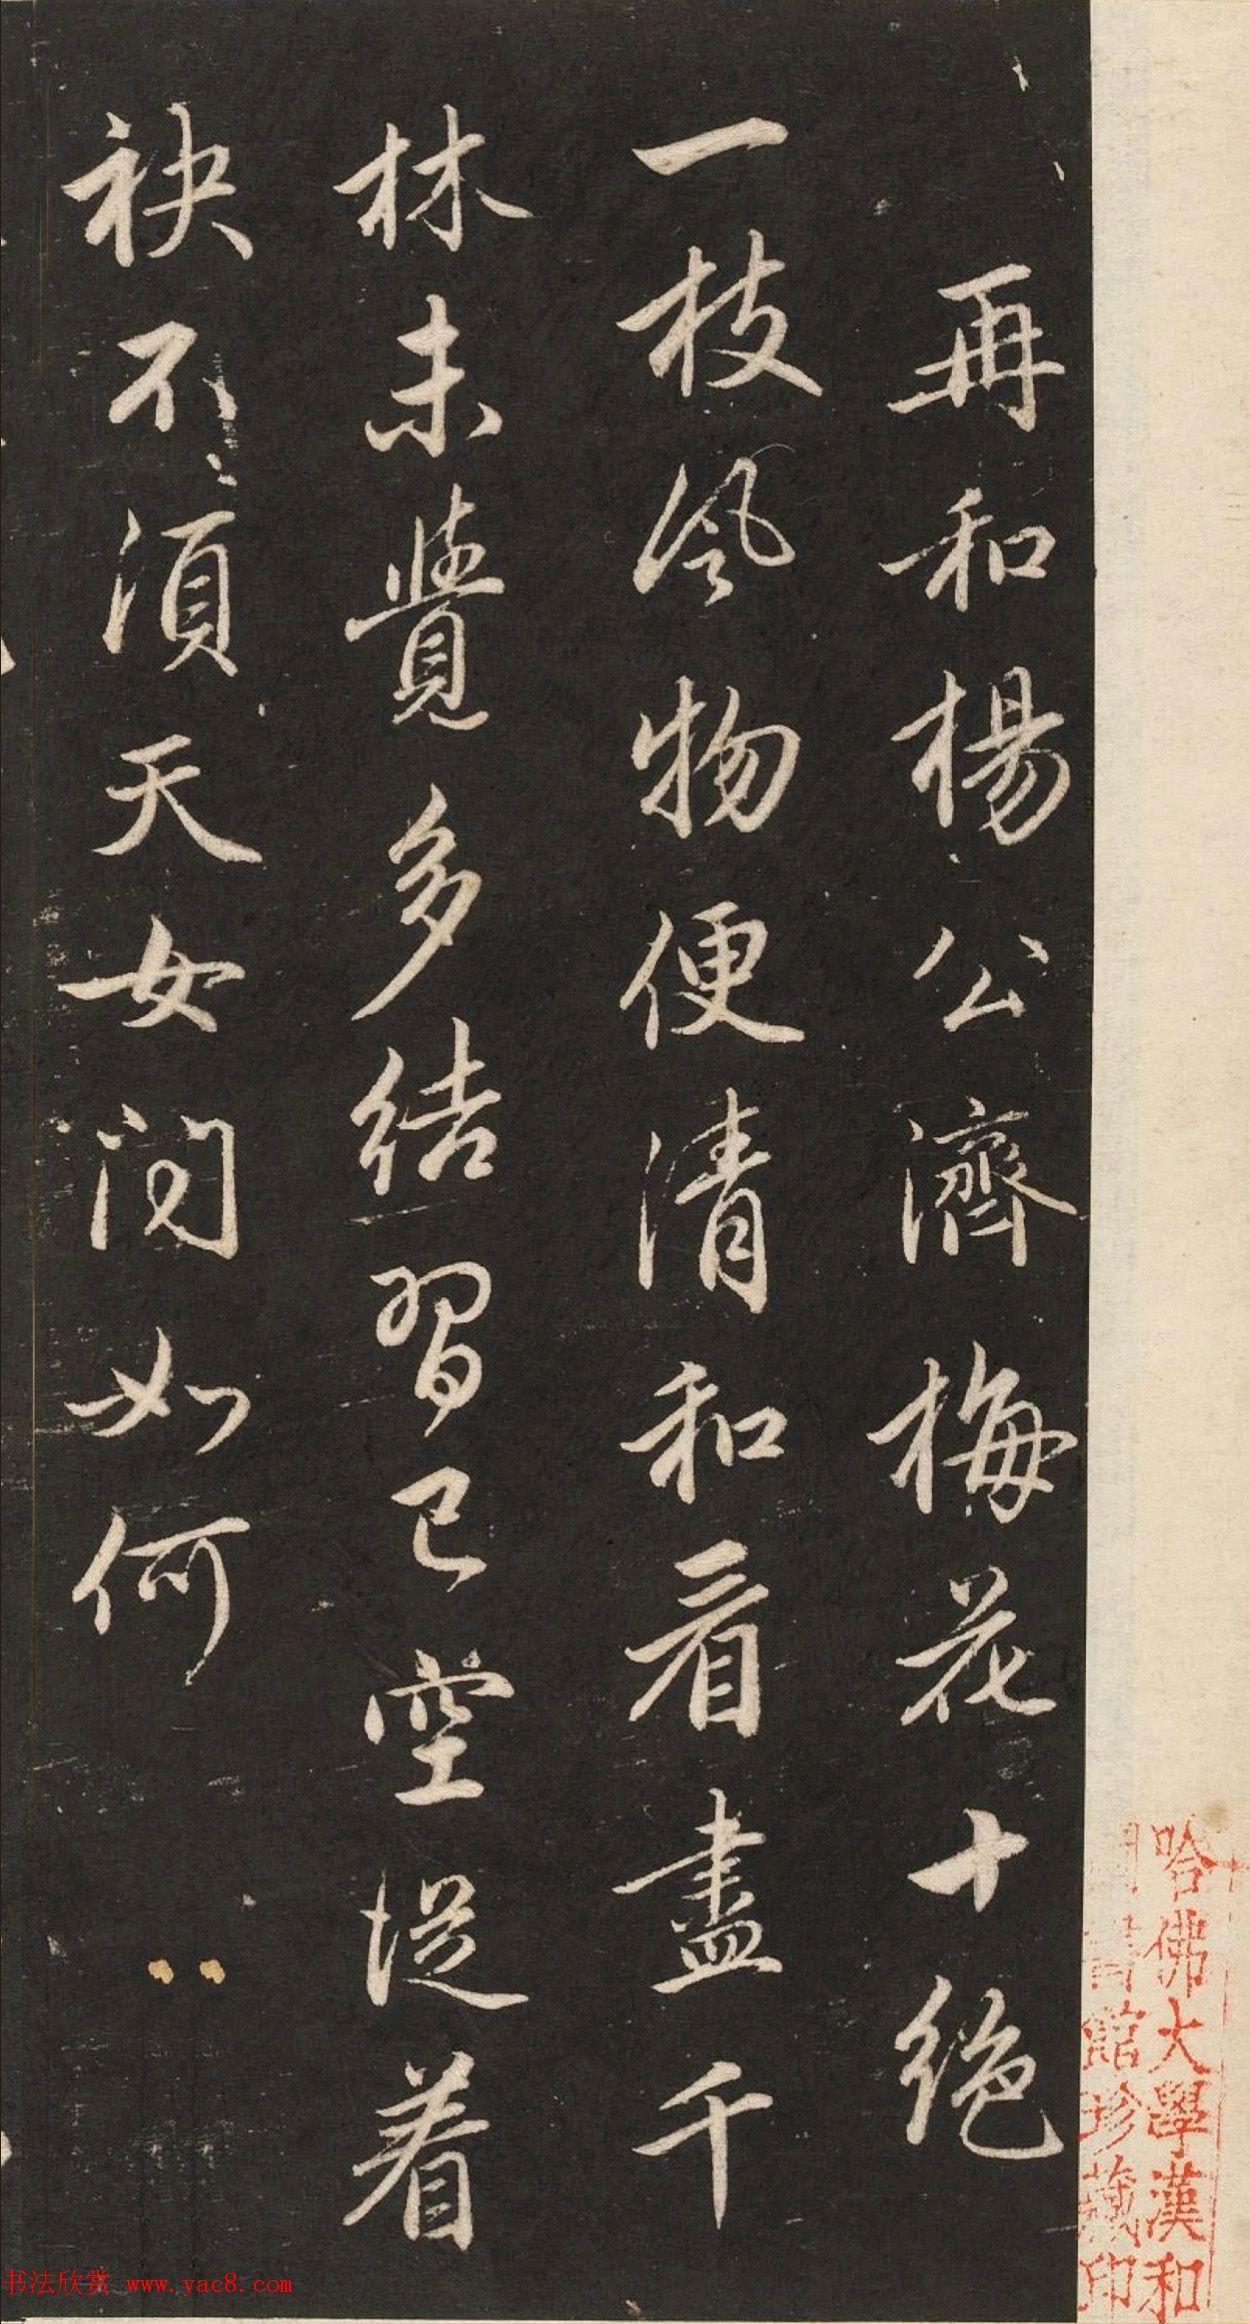 元代赵孟頫行书《梅花诗》